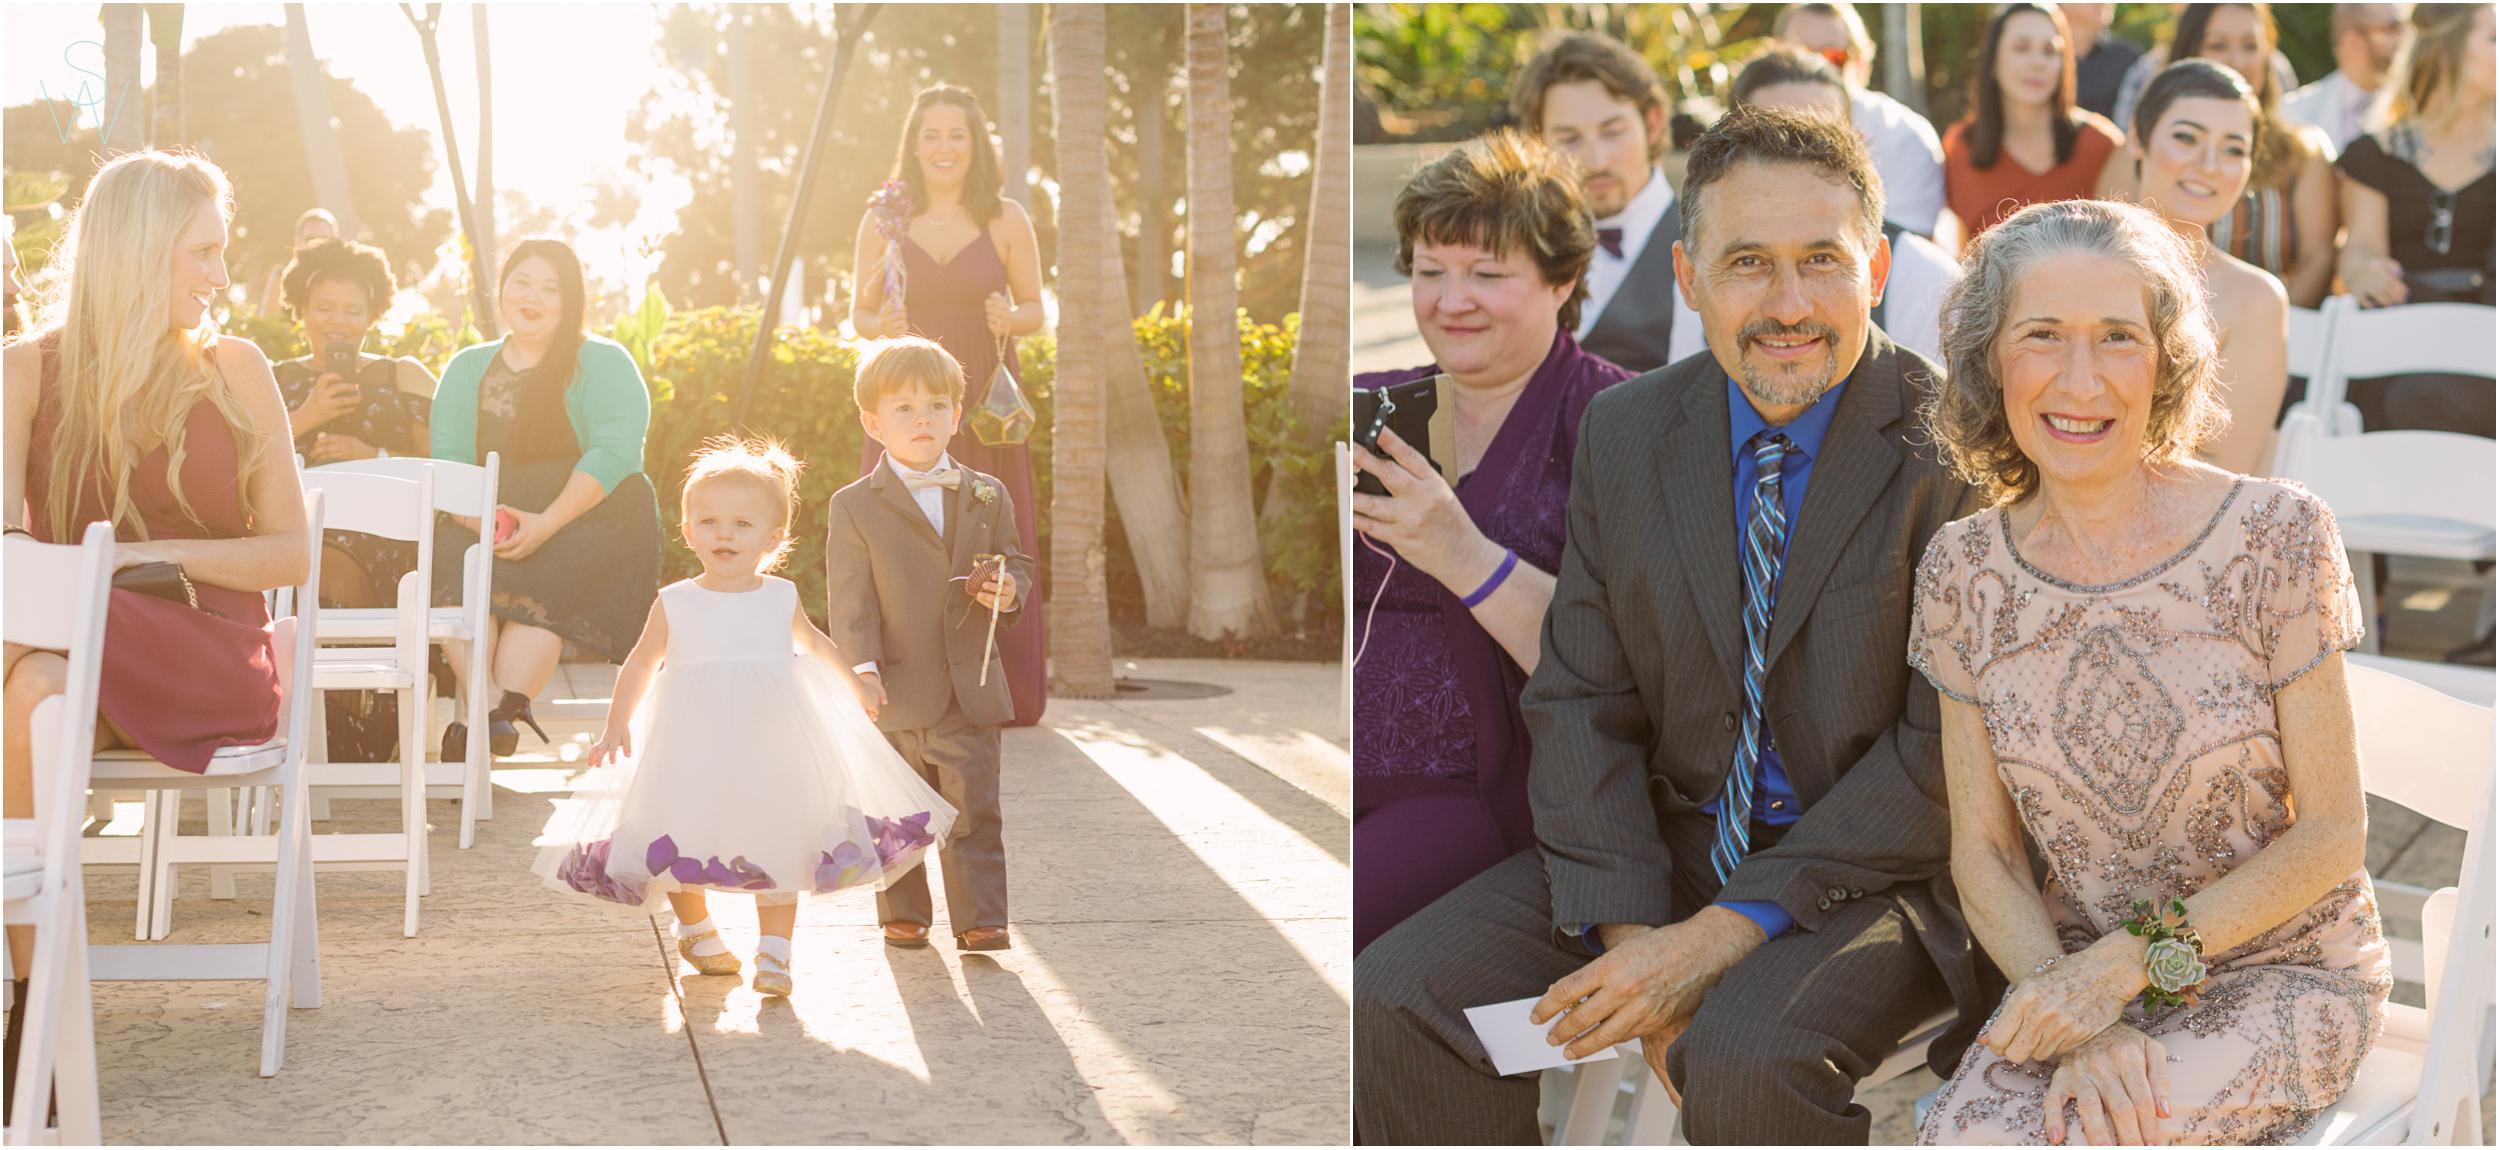 140San.diego.wedding.shewanders.photography.JPG